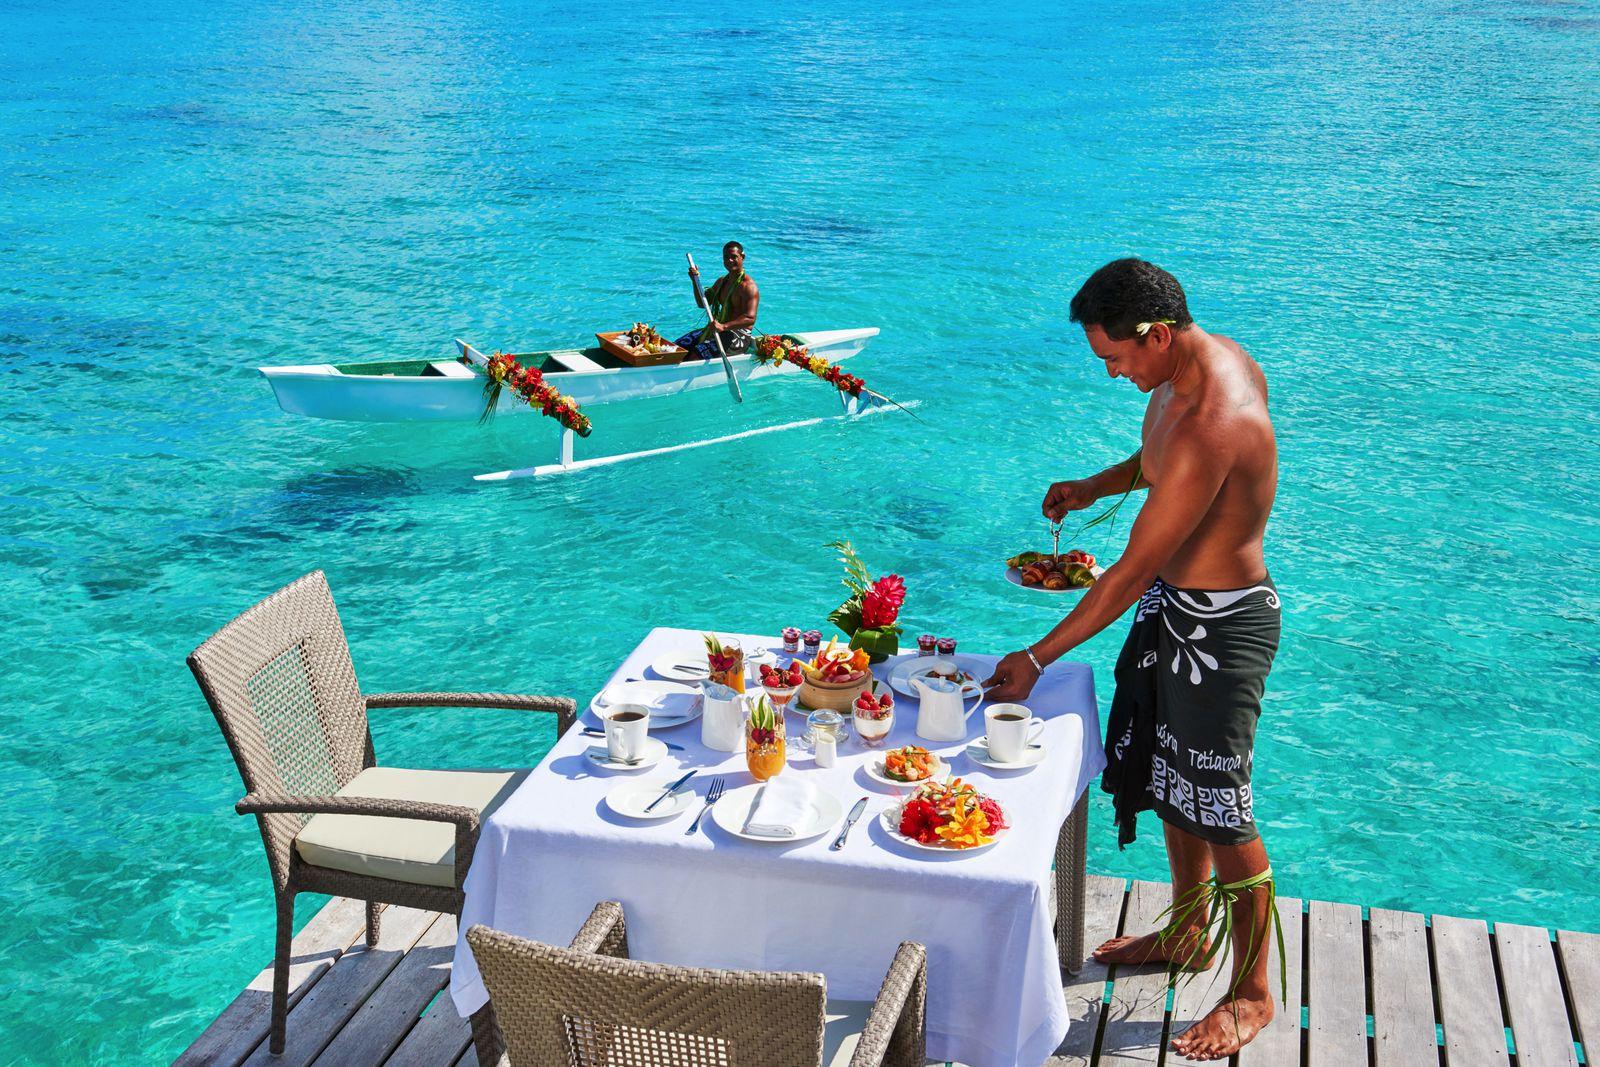 遠浅で波が穏やかなので、カヌーでお部屋まで朝食を届けてくれるタヒチならではのおもてなし「カヌーブレックファスト」や砂浜にテーブルなどをセッティングする「水上ランチ」といったおもてなしも。特別な時間を楽しめます。